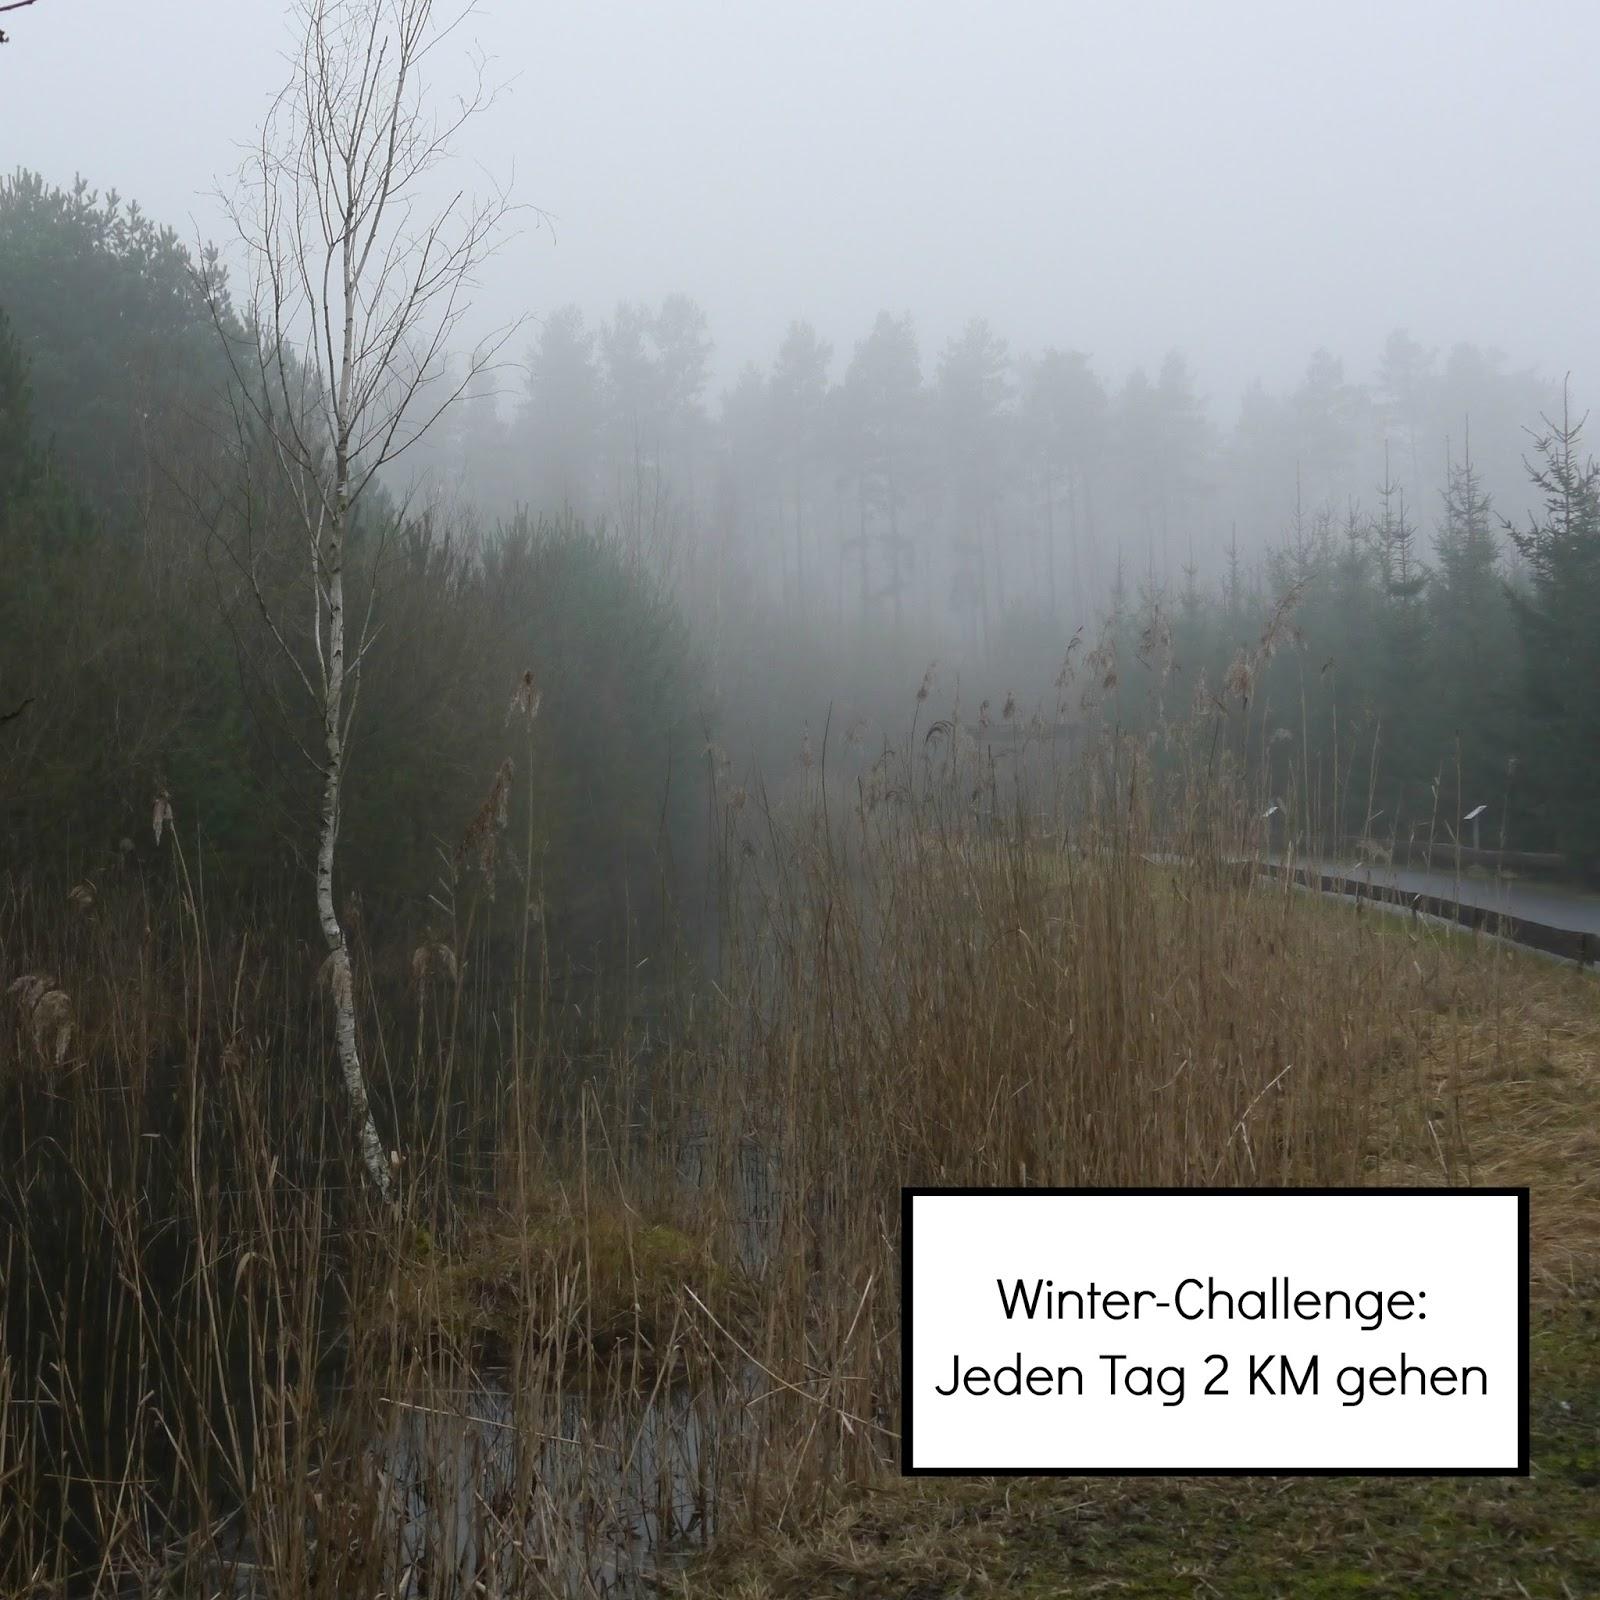 Jeden Tag mindestens zwei Kilometer gehen für 31 Tage